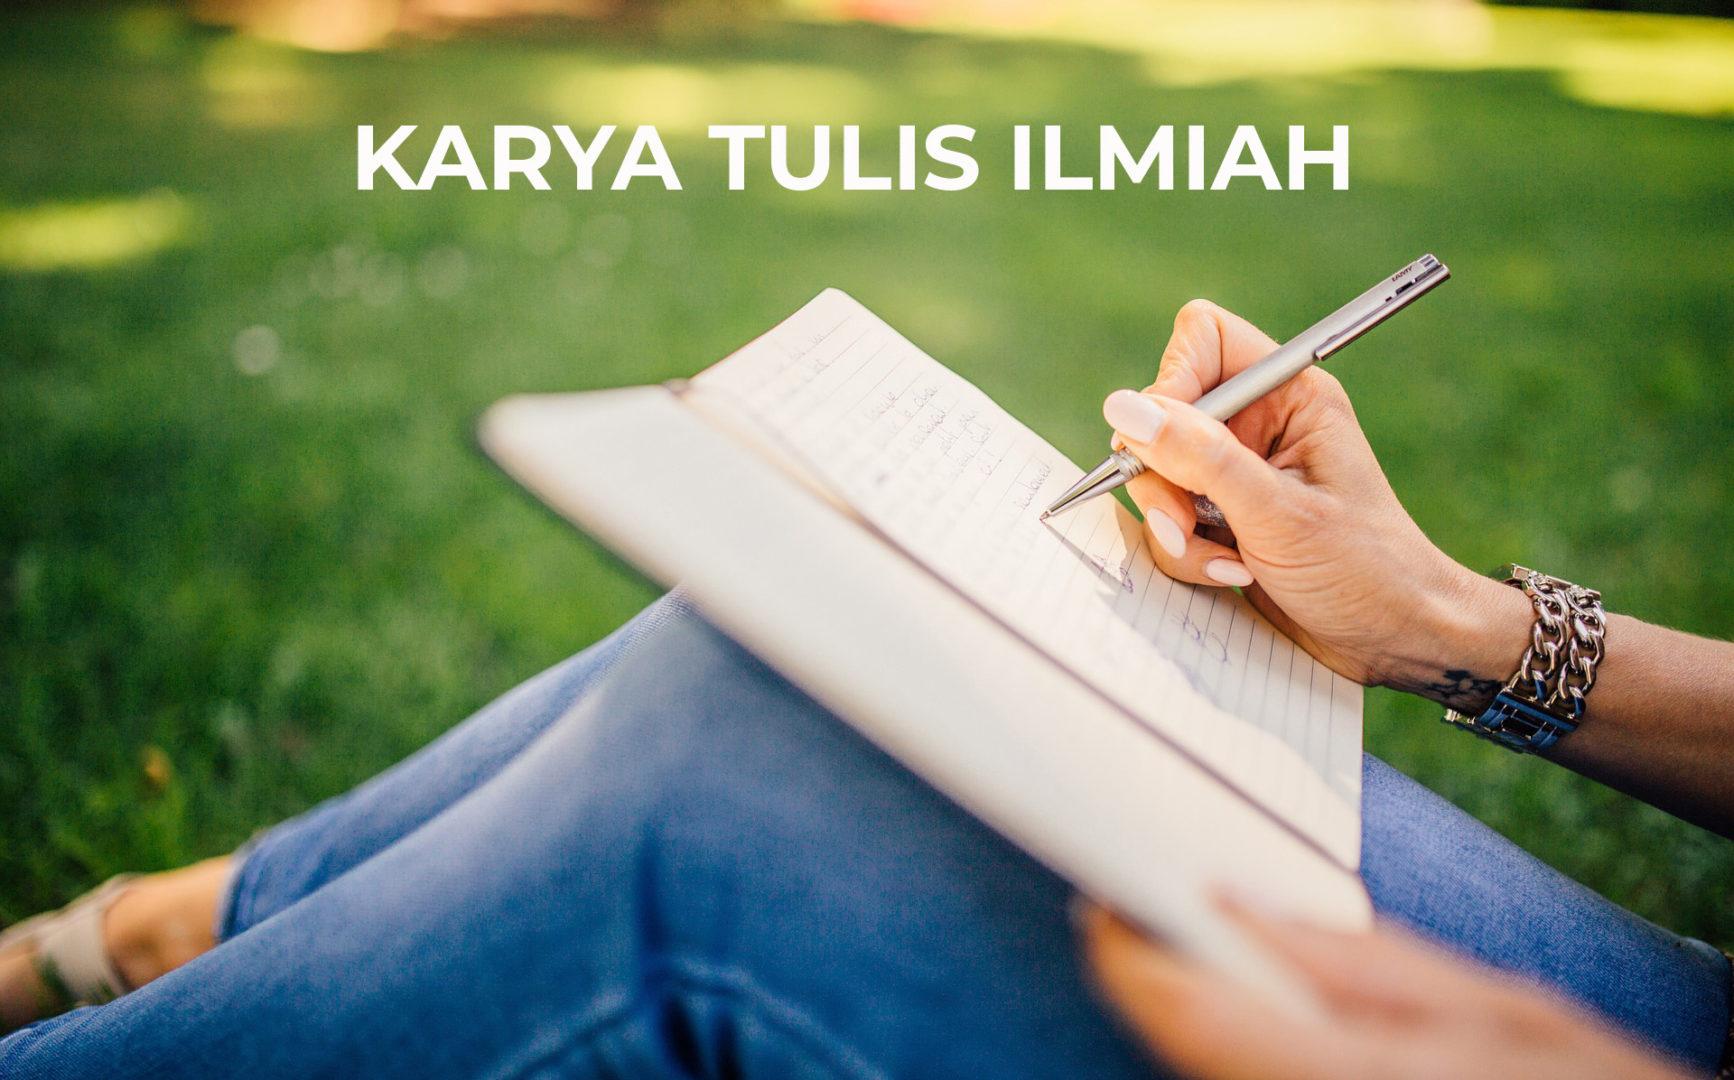 10 Contoh Karya Tulis Ilmiah Kti Yang Baik Benar